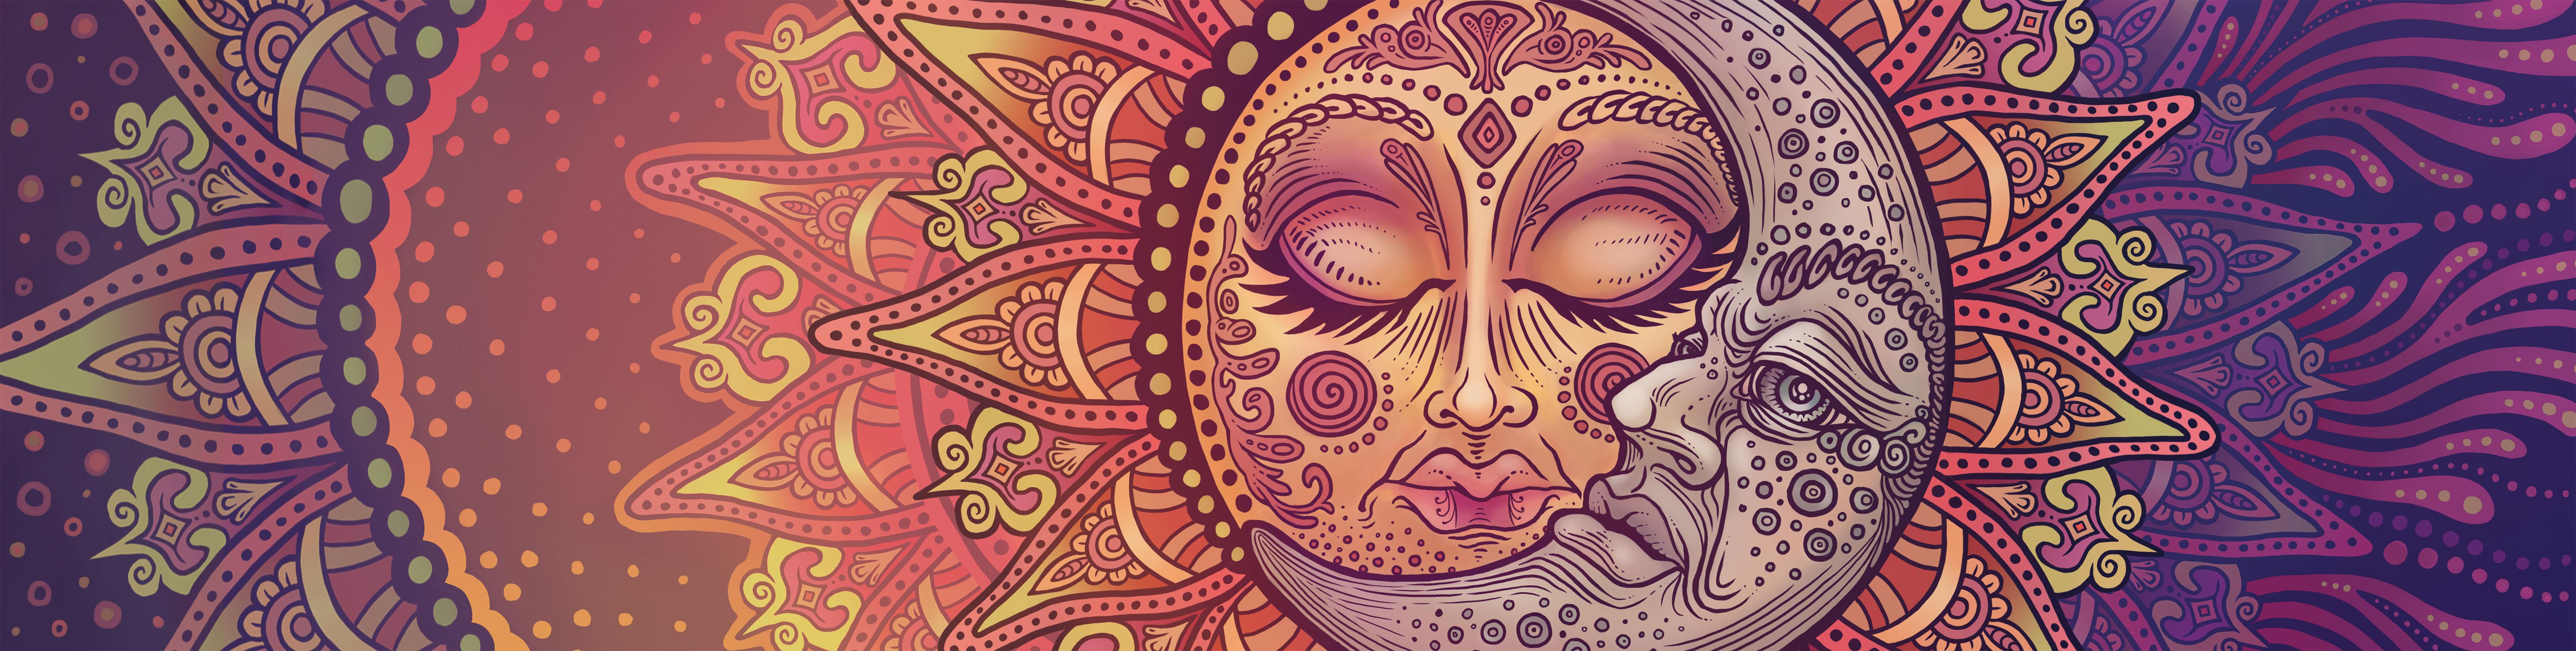 Wall Mural Sun Moon Celestial Mandala.